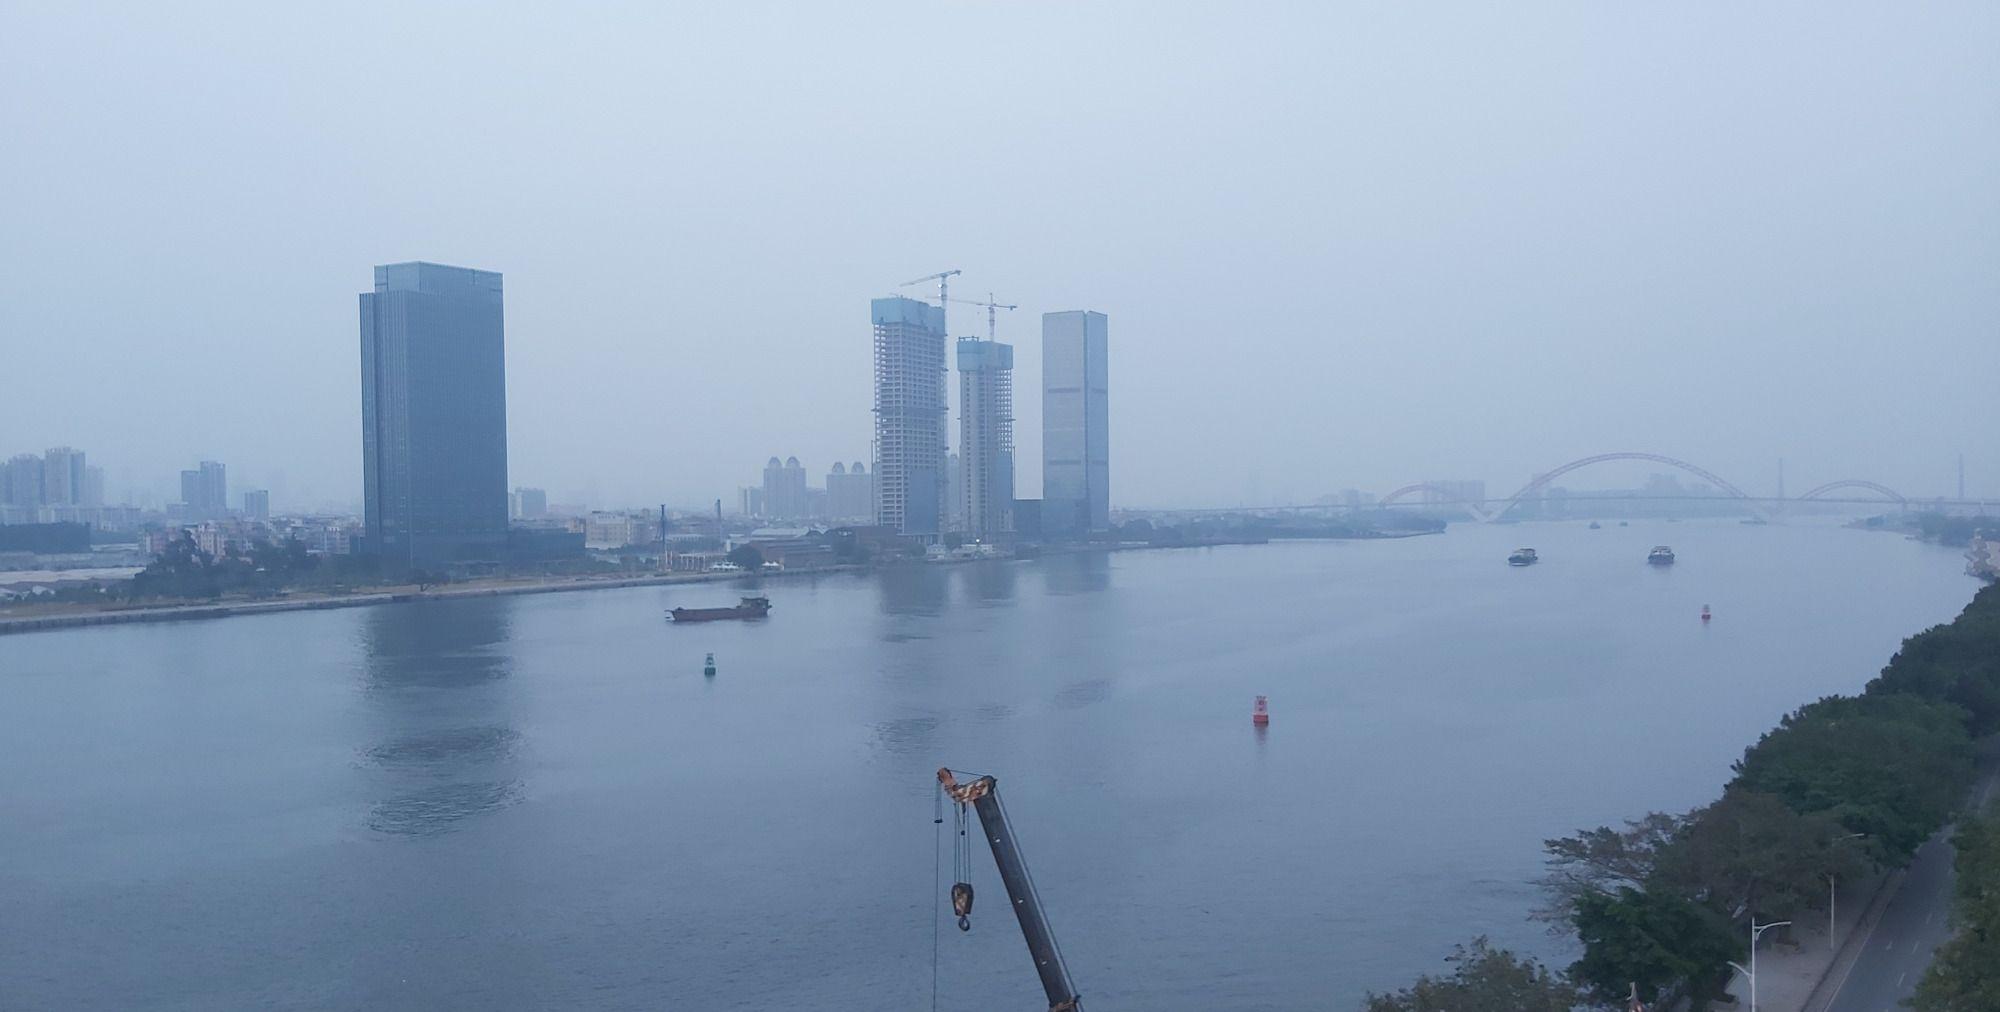 广州洛溪大桥,加宽工程热火朝天地进行中,可以看到施工的场景